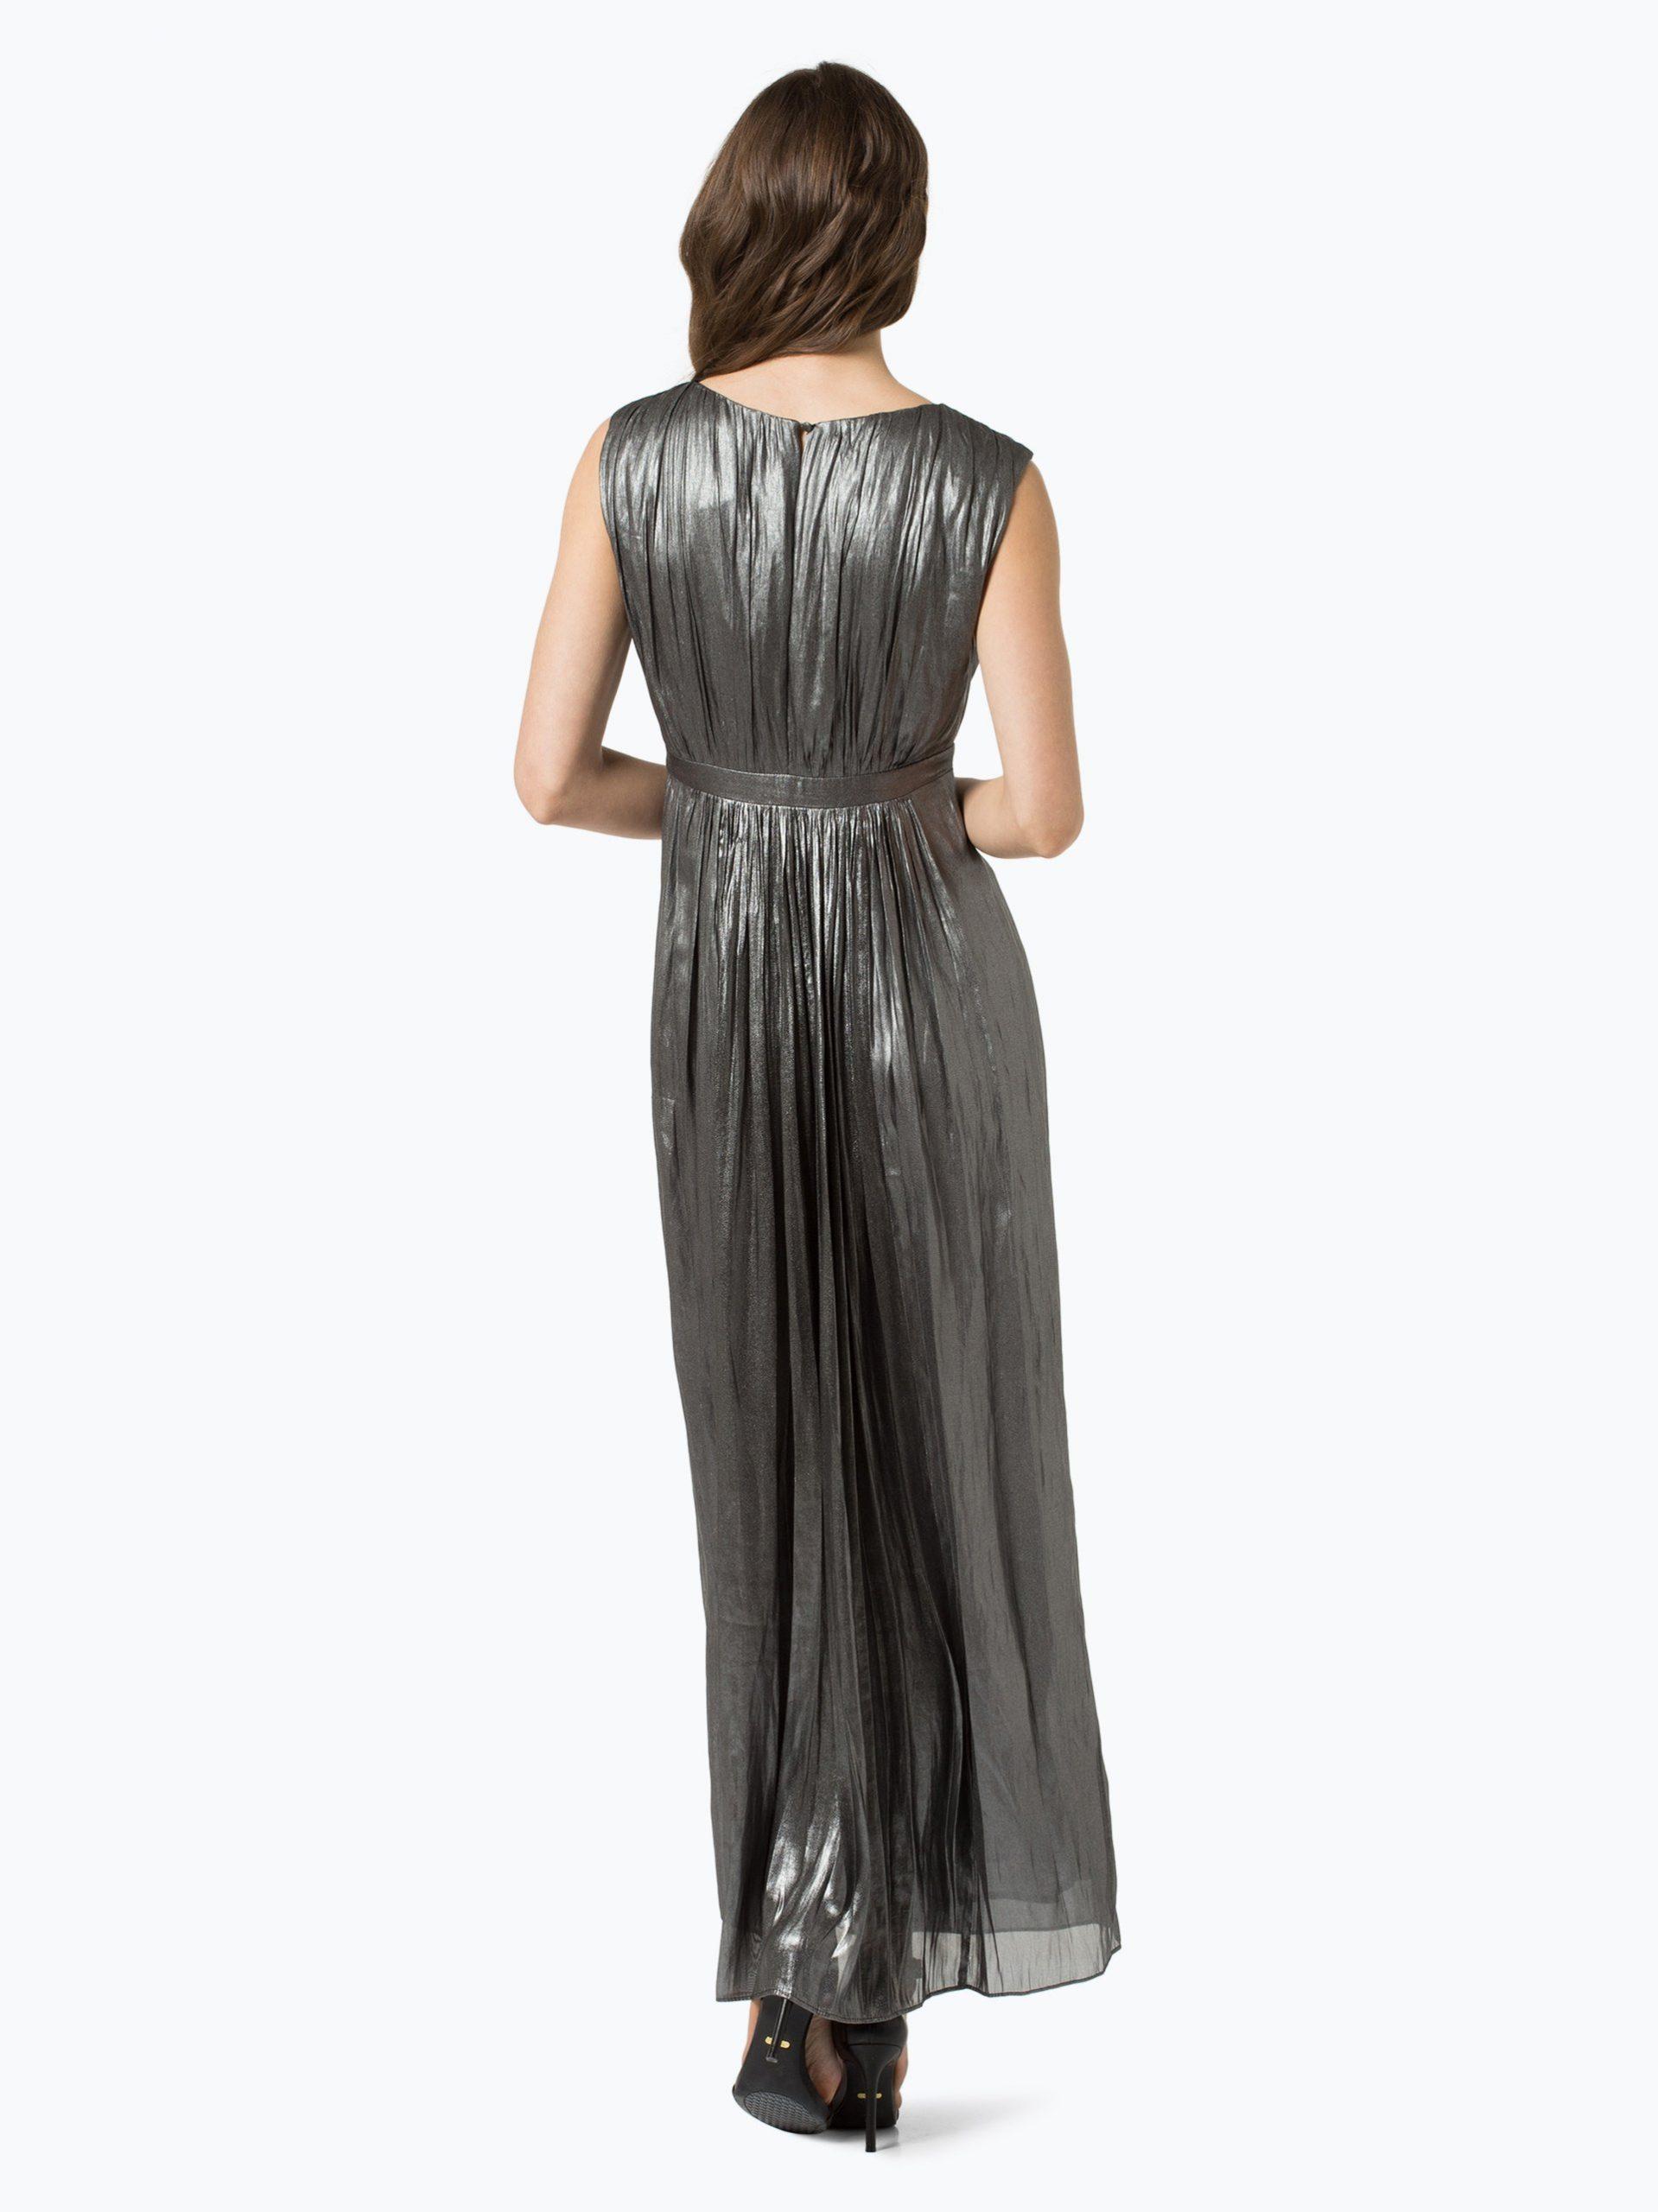 Formal Schön Abendkleider Esprit StylishDesigner Wunderbar Abendkleider Esprit Spezialgebiet